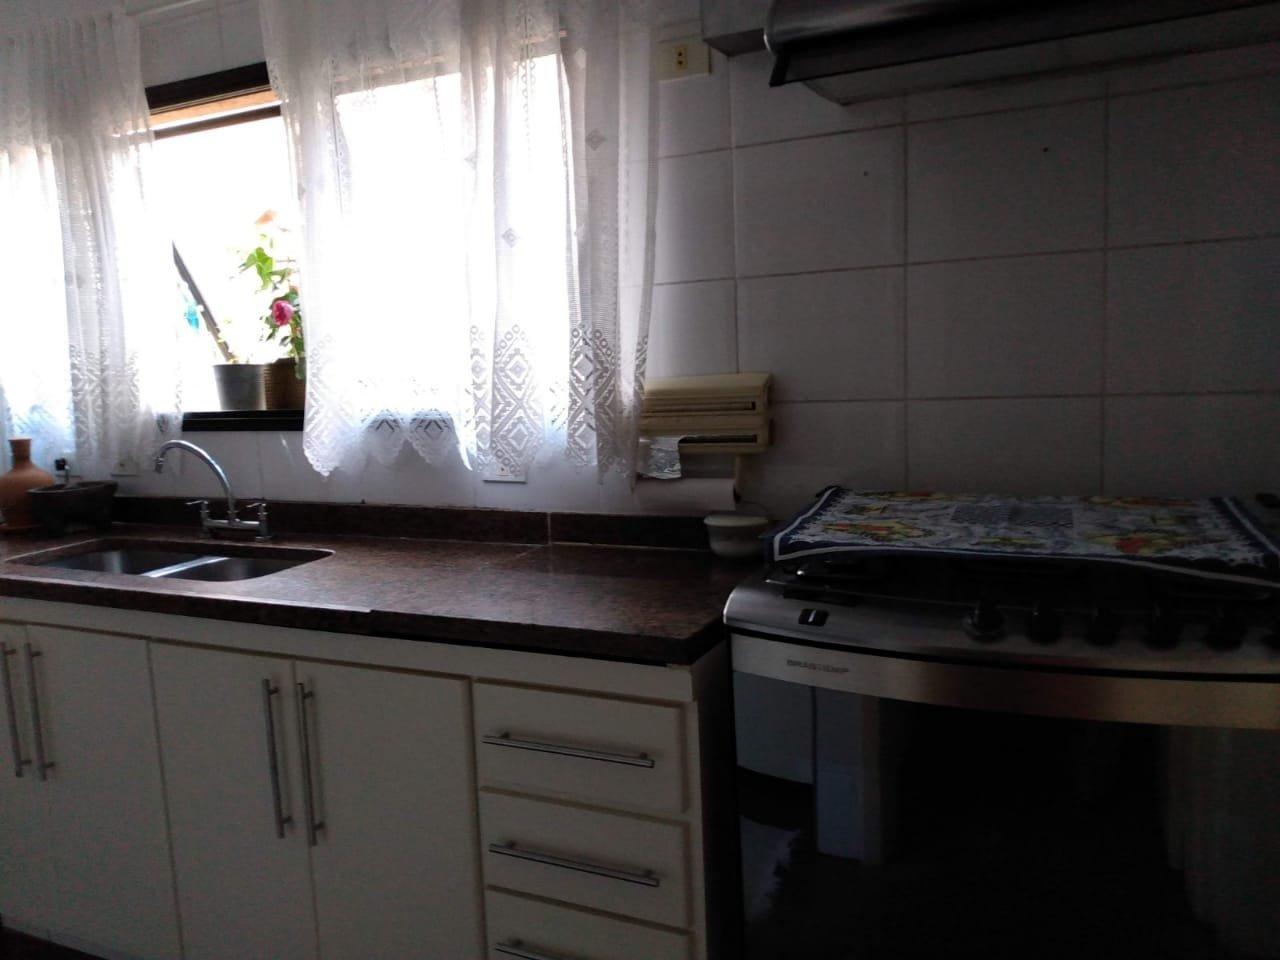 Foto de Cozinha com vaso de planta, garrafa, forno, pia